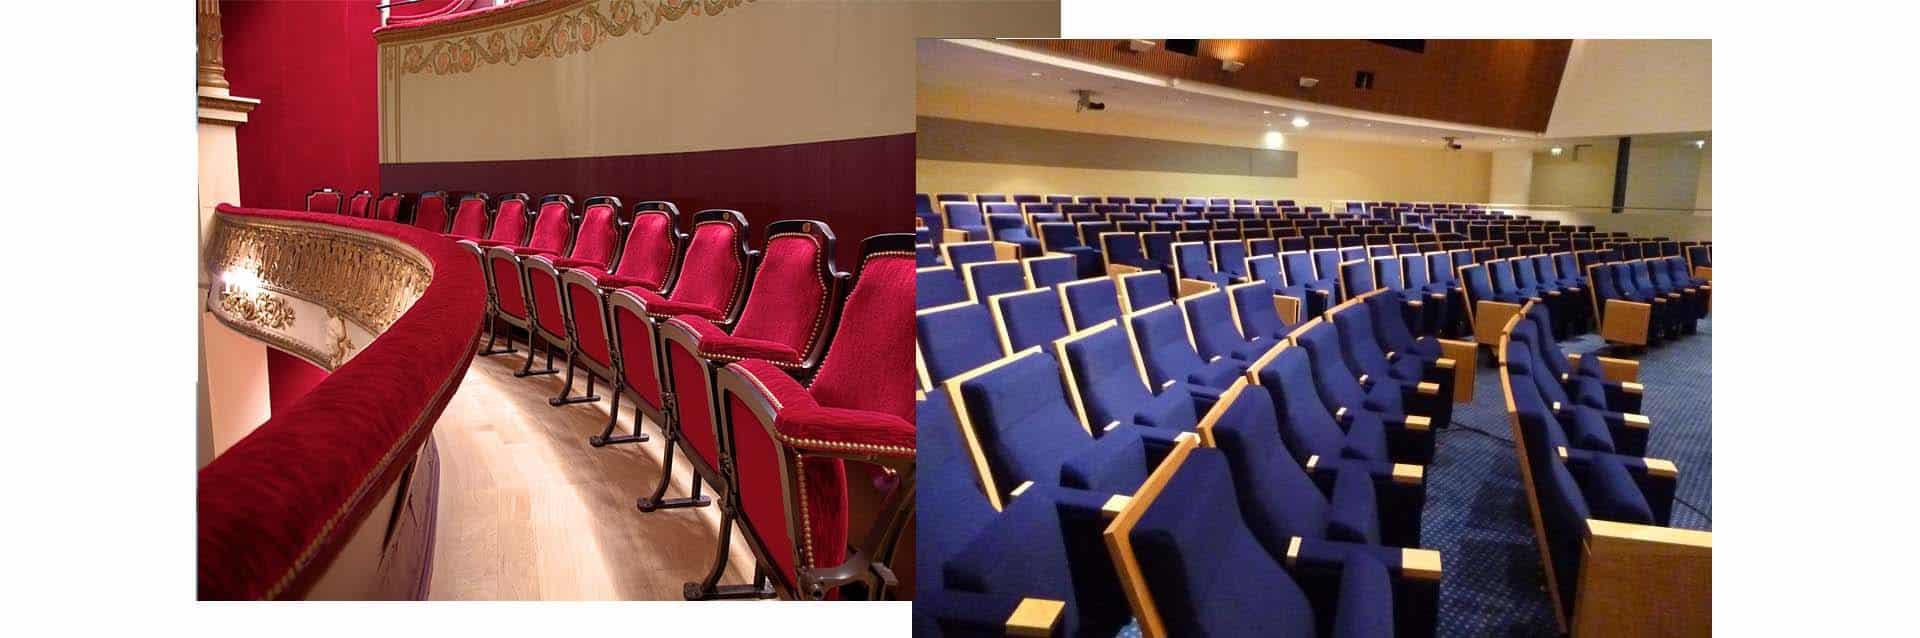 renovation-siege-fauteuil-theatre-technologistique copie